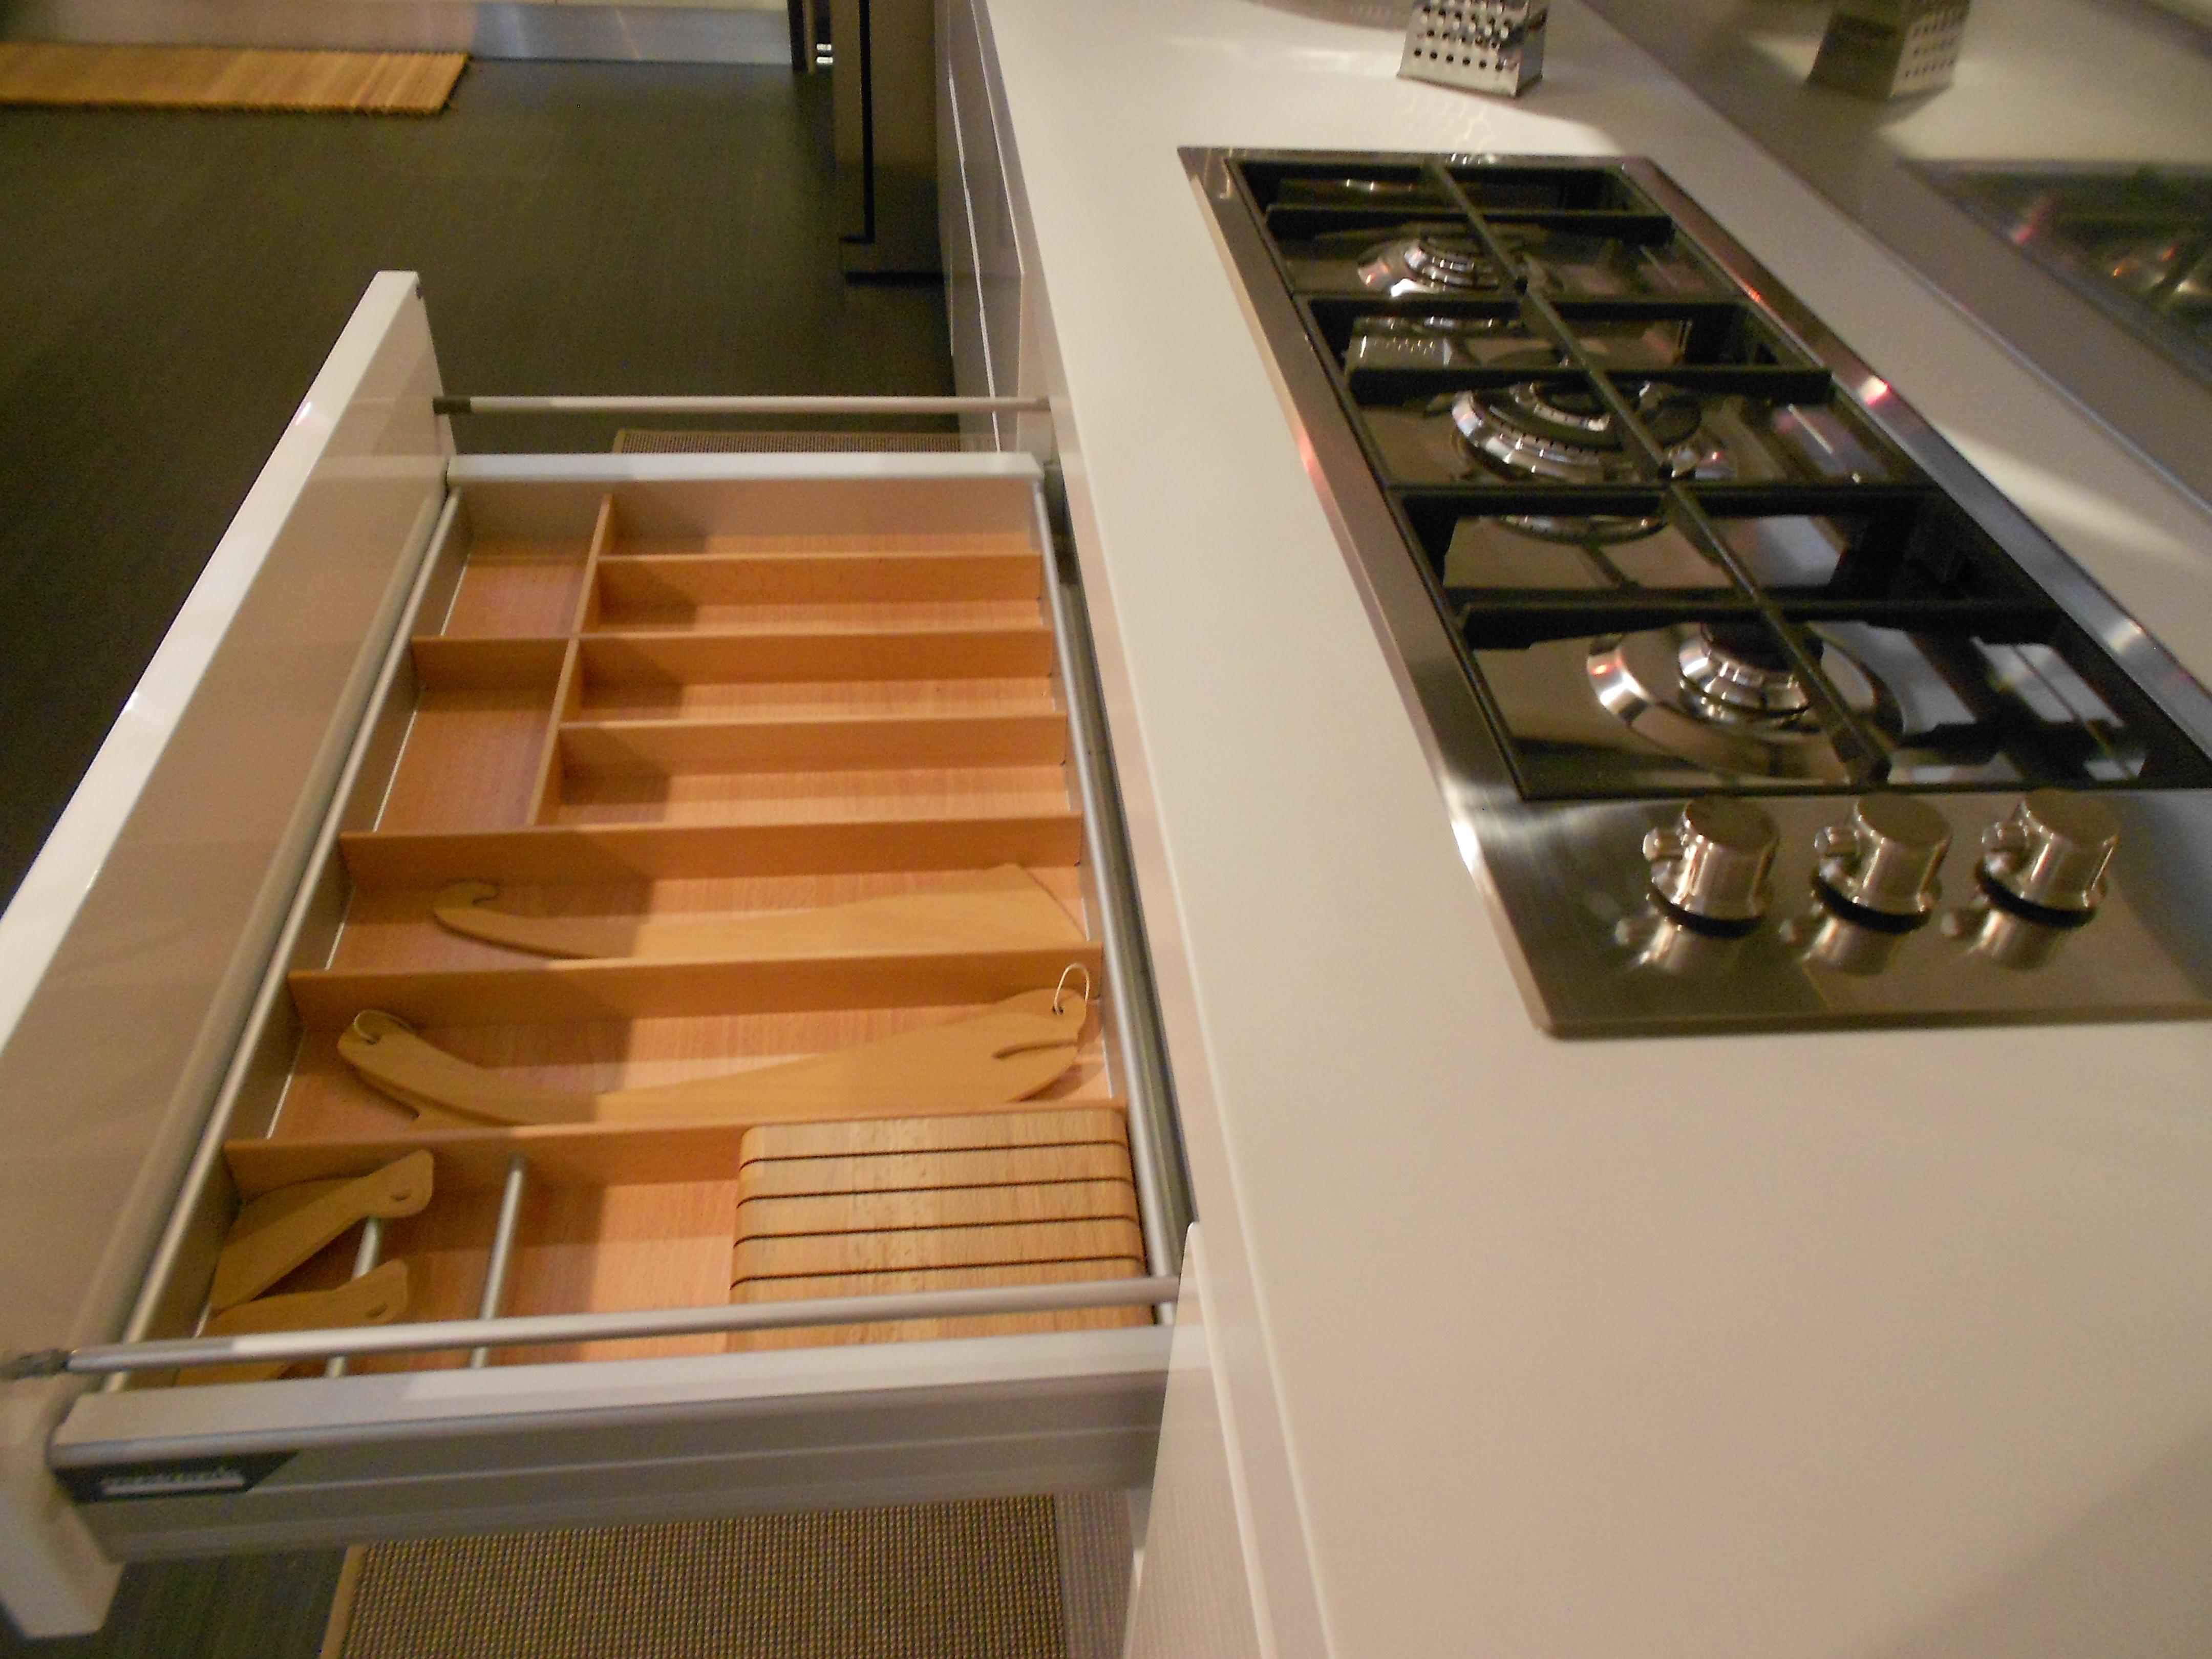 Casa immobiliare accessori porta posate da cassetto - Porta posate da cassetto ...